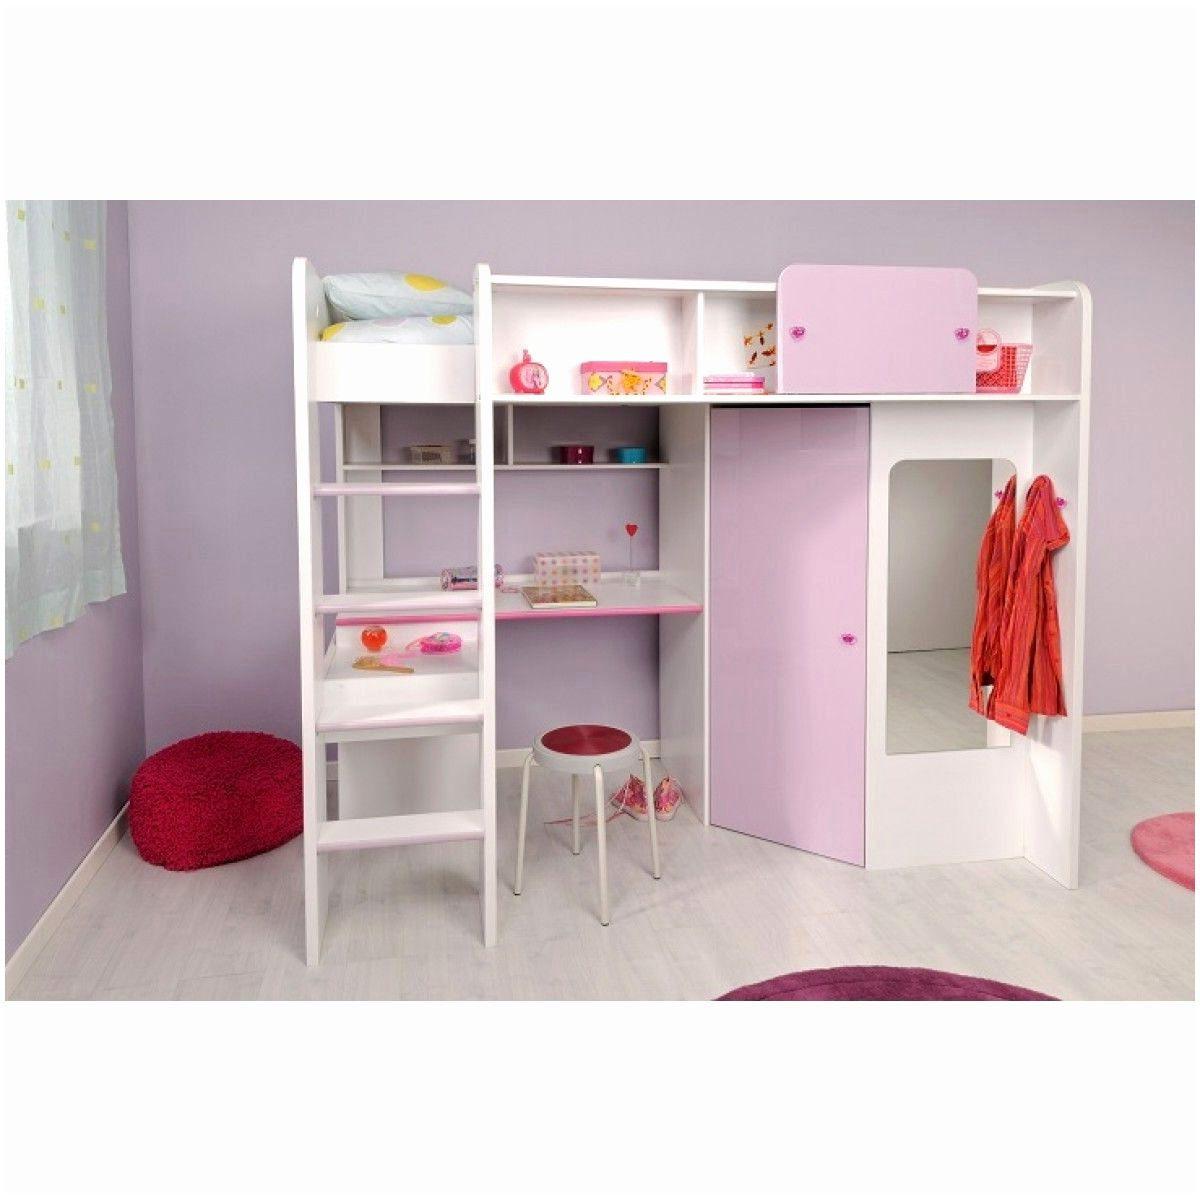 Lit Enfant Mezzanine Luxe Lit Mi Haut Enfant Lit Mezzanine Design Lit Mezzanine Design Unique